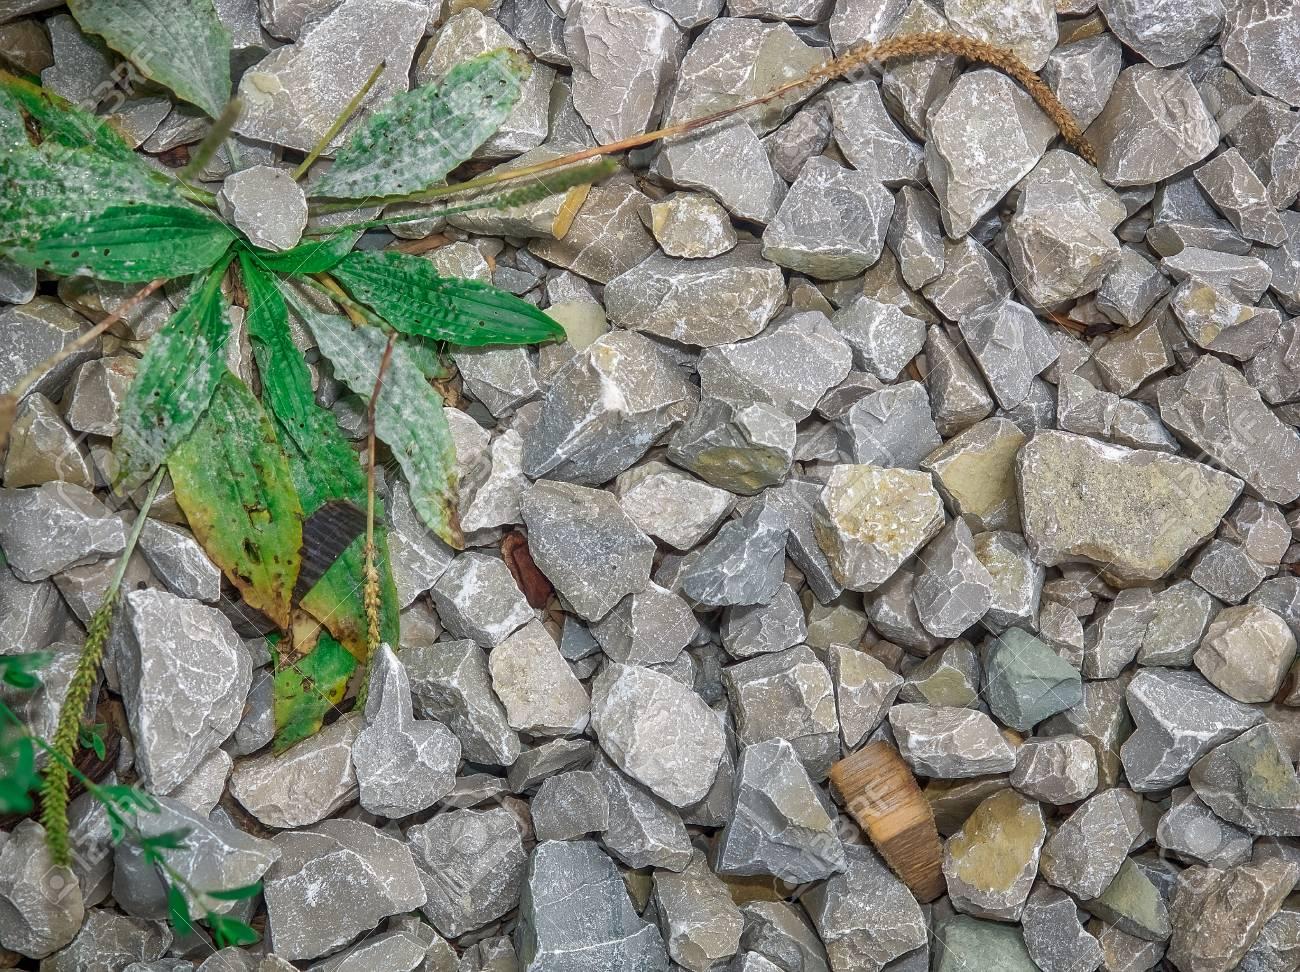 ネット用語「草」の反対語「石」「ちょっと石」の意味って何?なんJ民と2ちゃん民が流行らそうとしている言葉